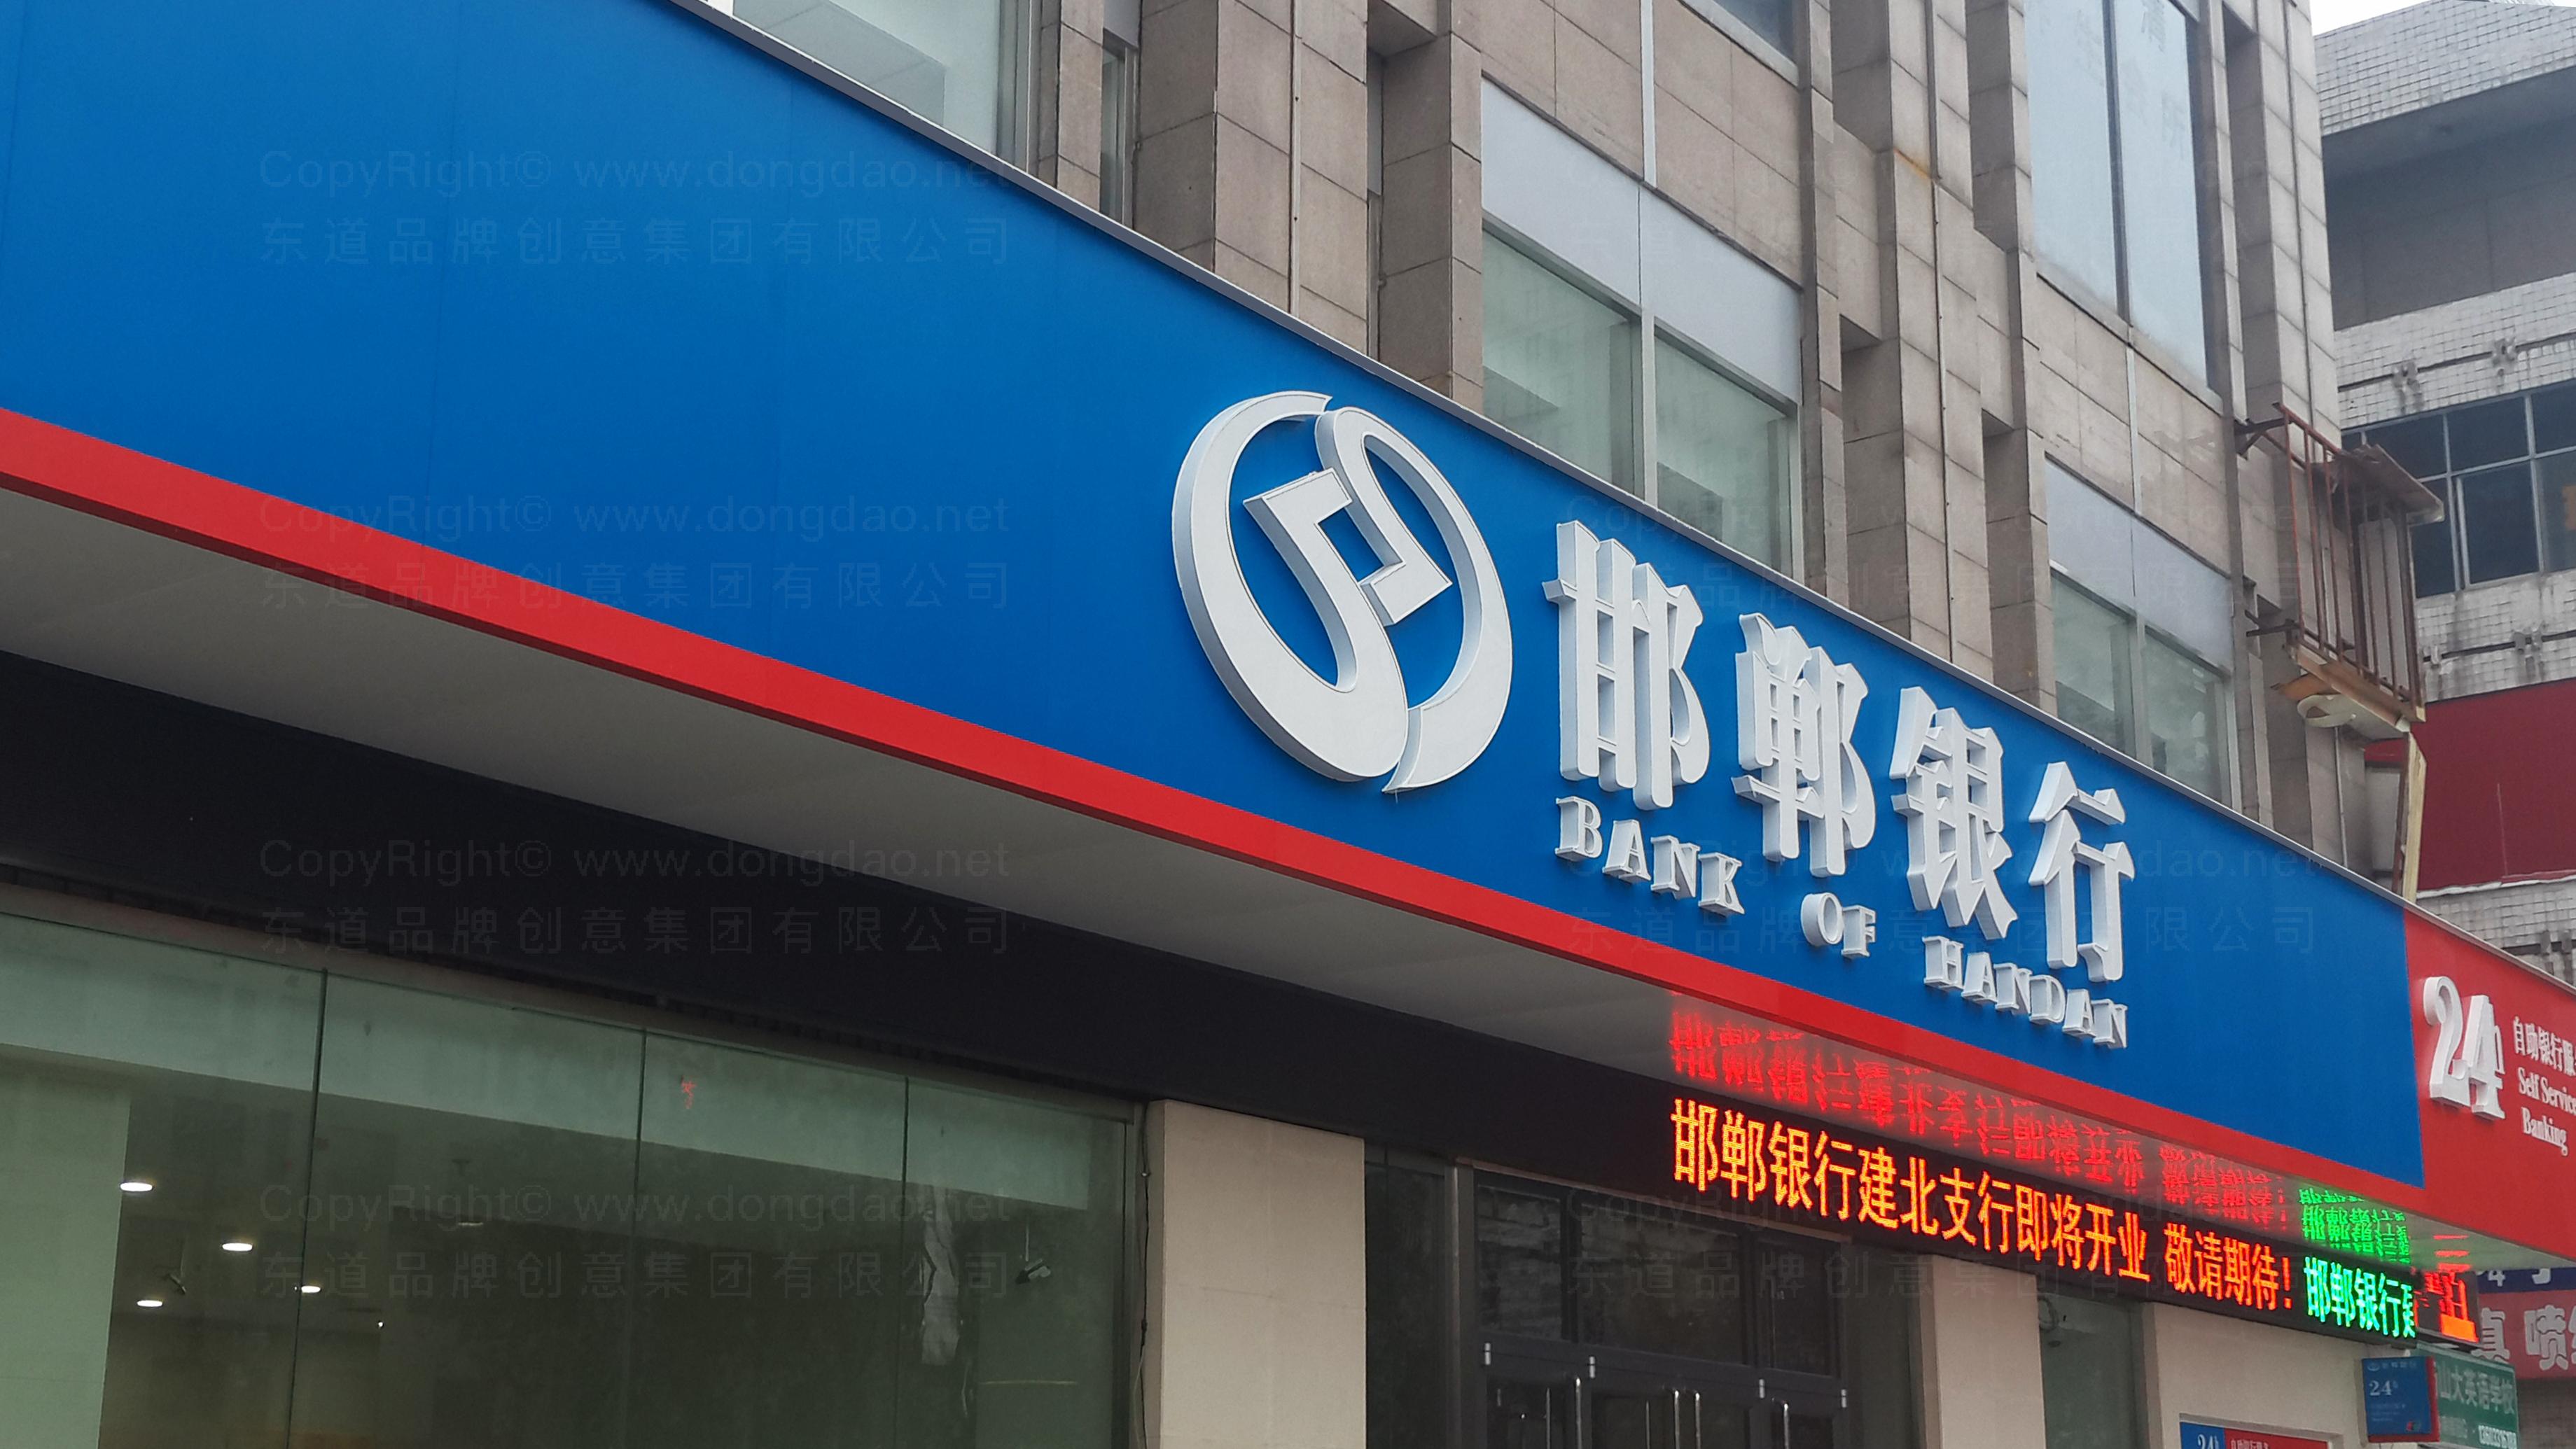 落地工程邯郸银行标识工程应用场景_8